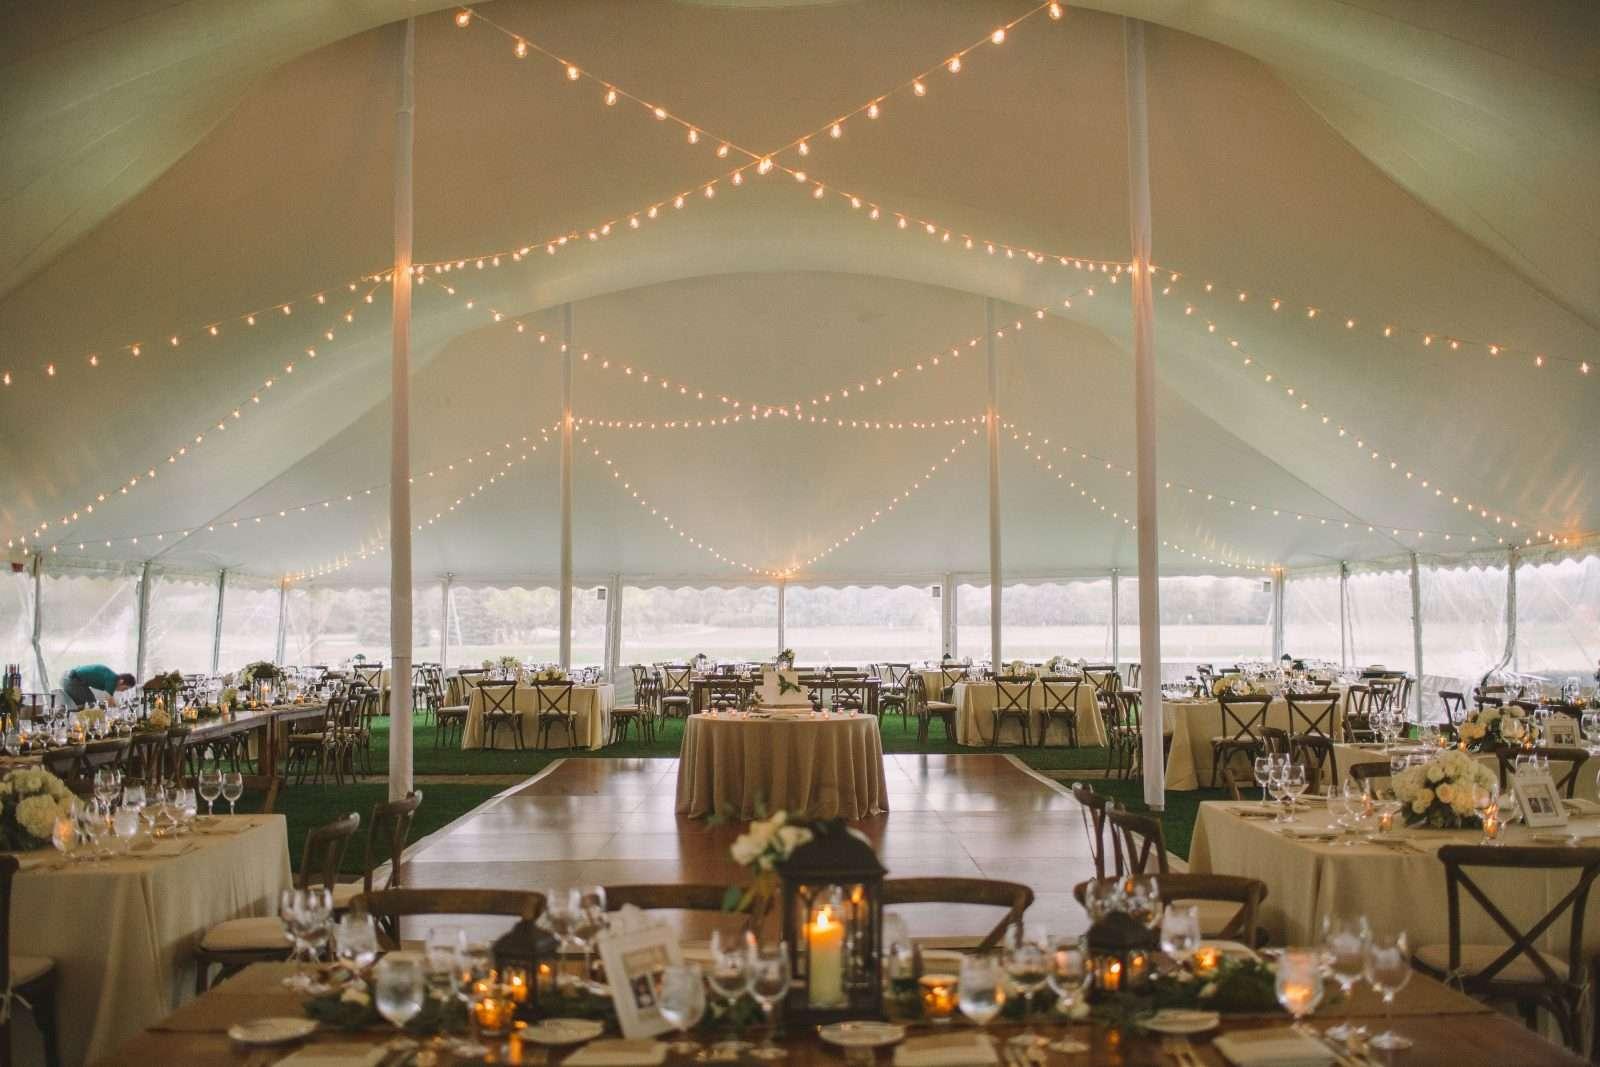 60u2032 Wide Pole Tent with Farm Tables & 60u0027 Wide Pole Tent with Farm Tables - McCarthy Tents u0026 Events ... azcodes.com